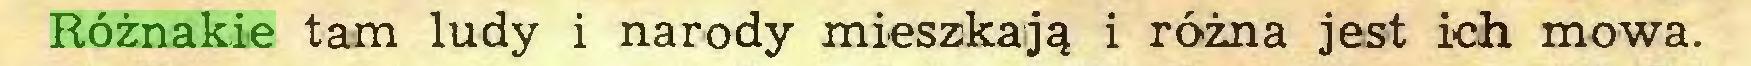 (...) Różnakie tam ludy i narody mieszkają i różna jest ich mowa...